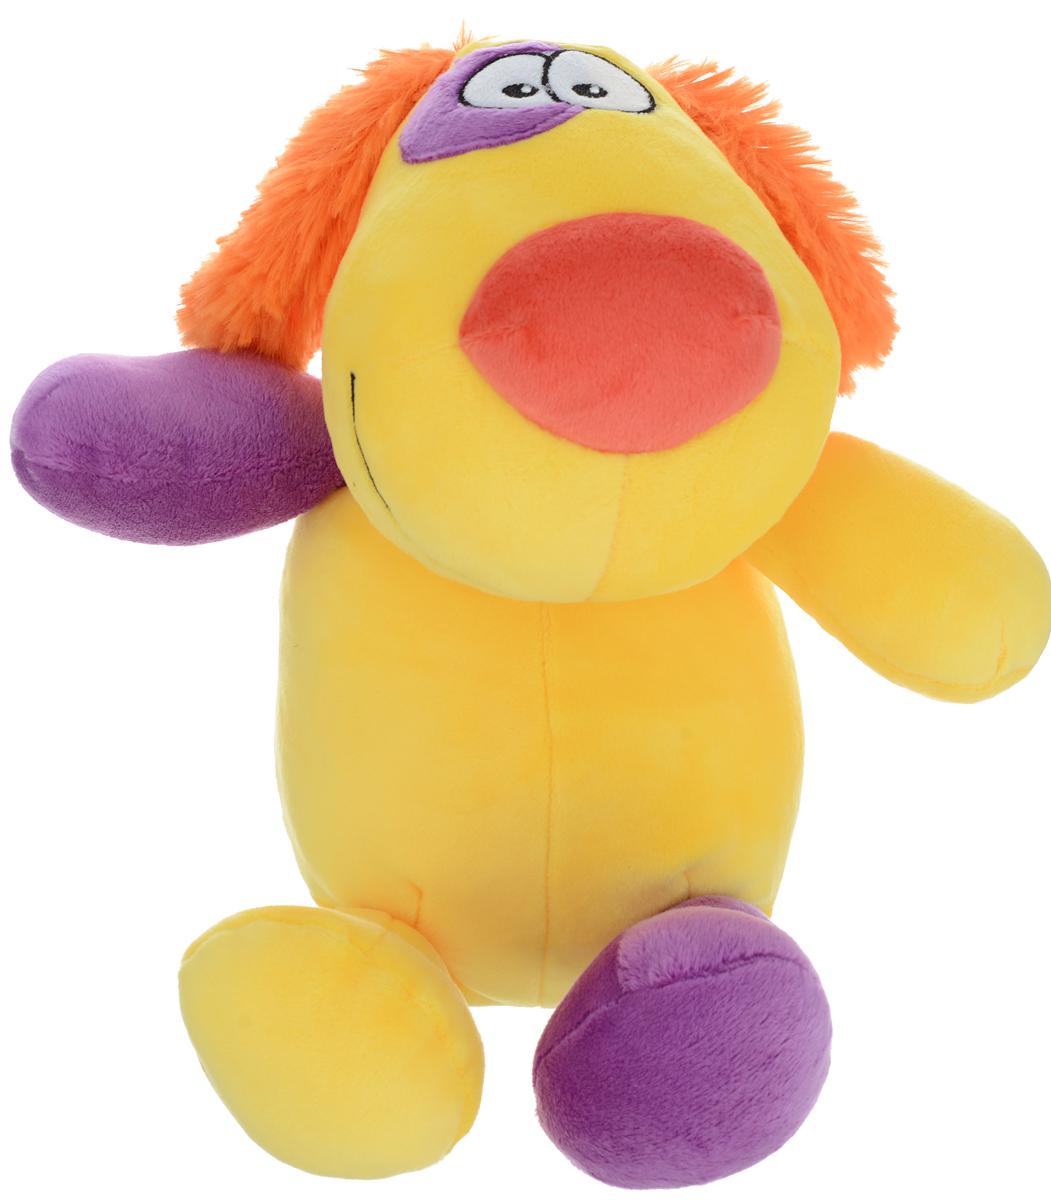 СмолТойс Мягкая игрушка Пес Егорка 35 см 2333/ЖЛ/35 uglydoll мягкая игрушка gorgeous 35 см